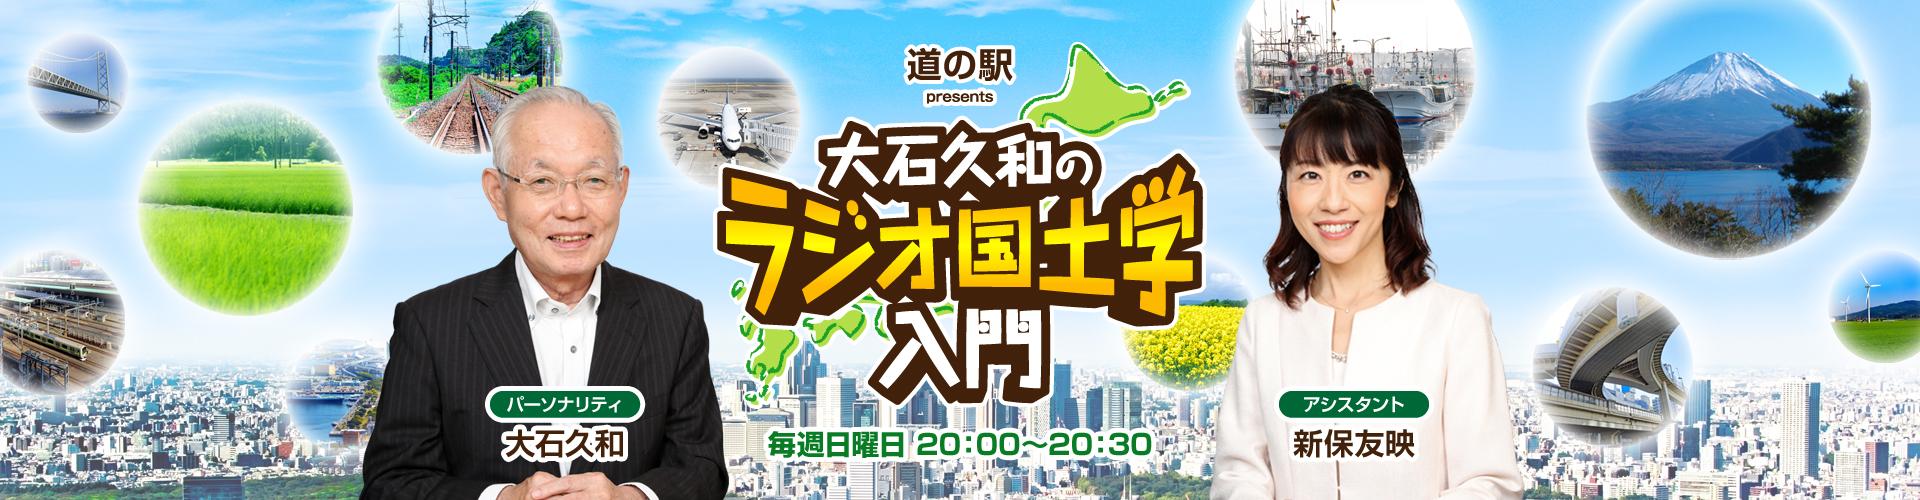 道の駅プレゼンツ 大石久和のラジオ国土学入門   ニッポン放送 ラジオAM1242+FM93